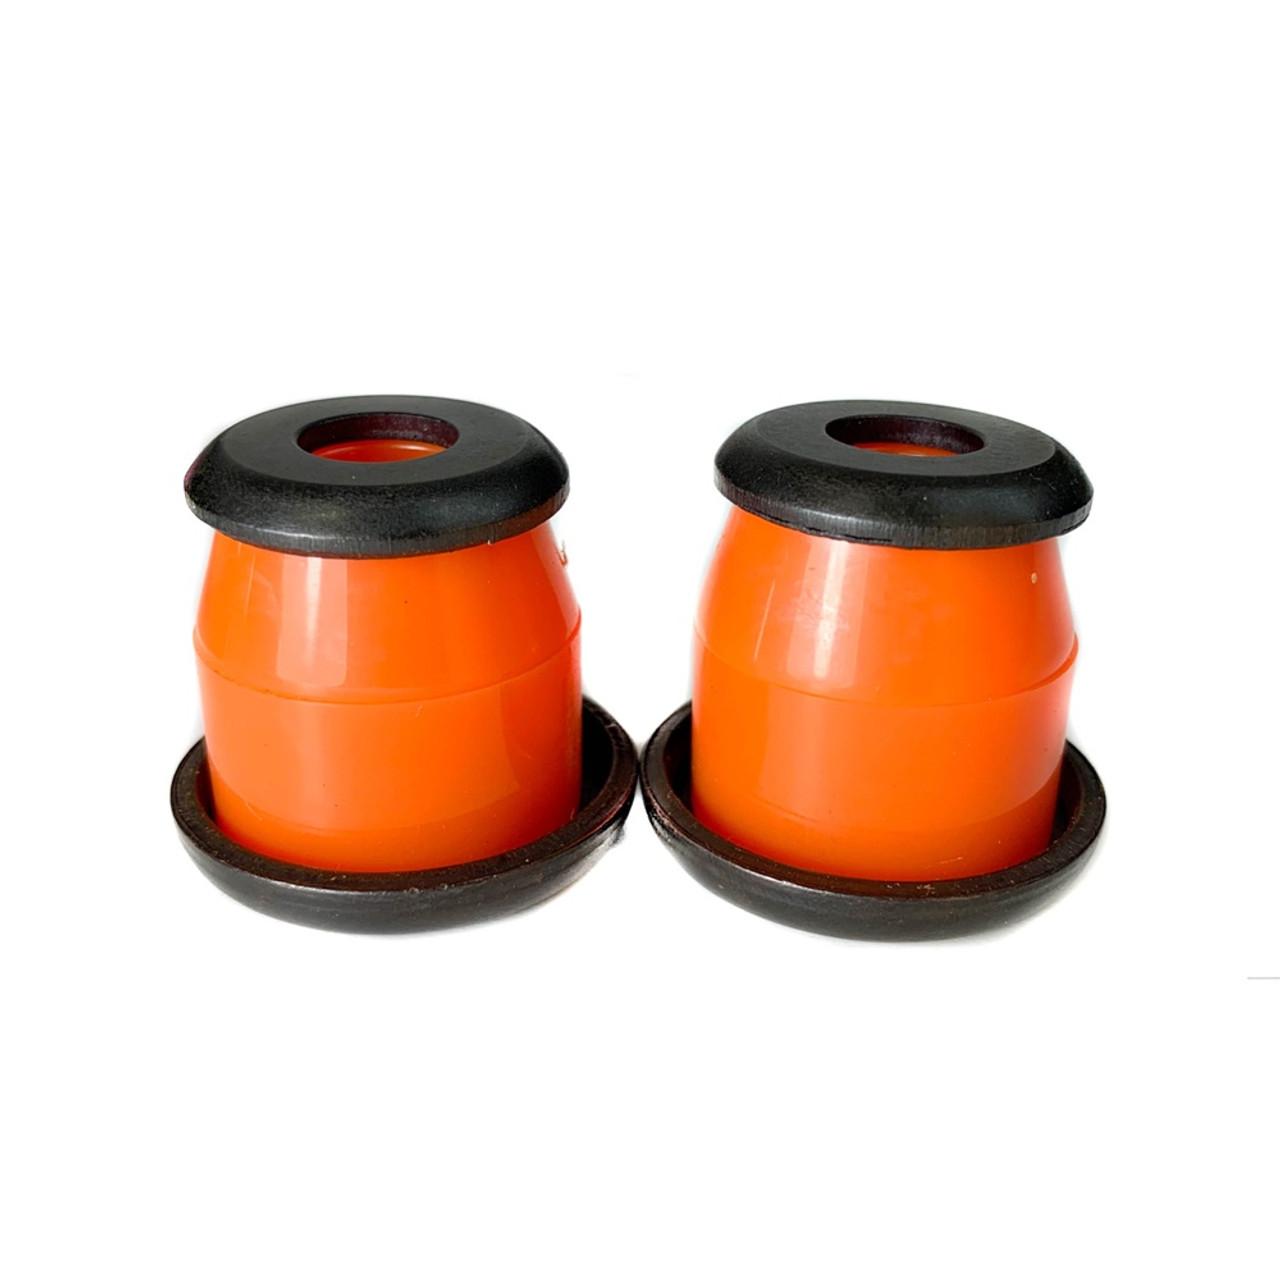 DSCO Skateboard Bushings Soft Orange 88A